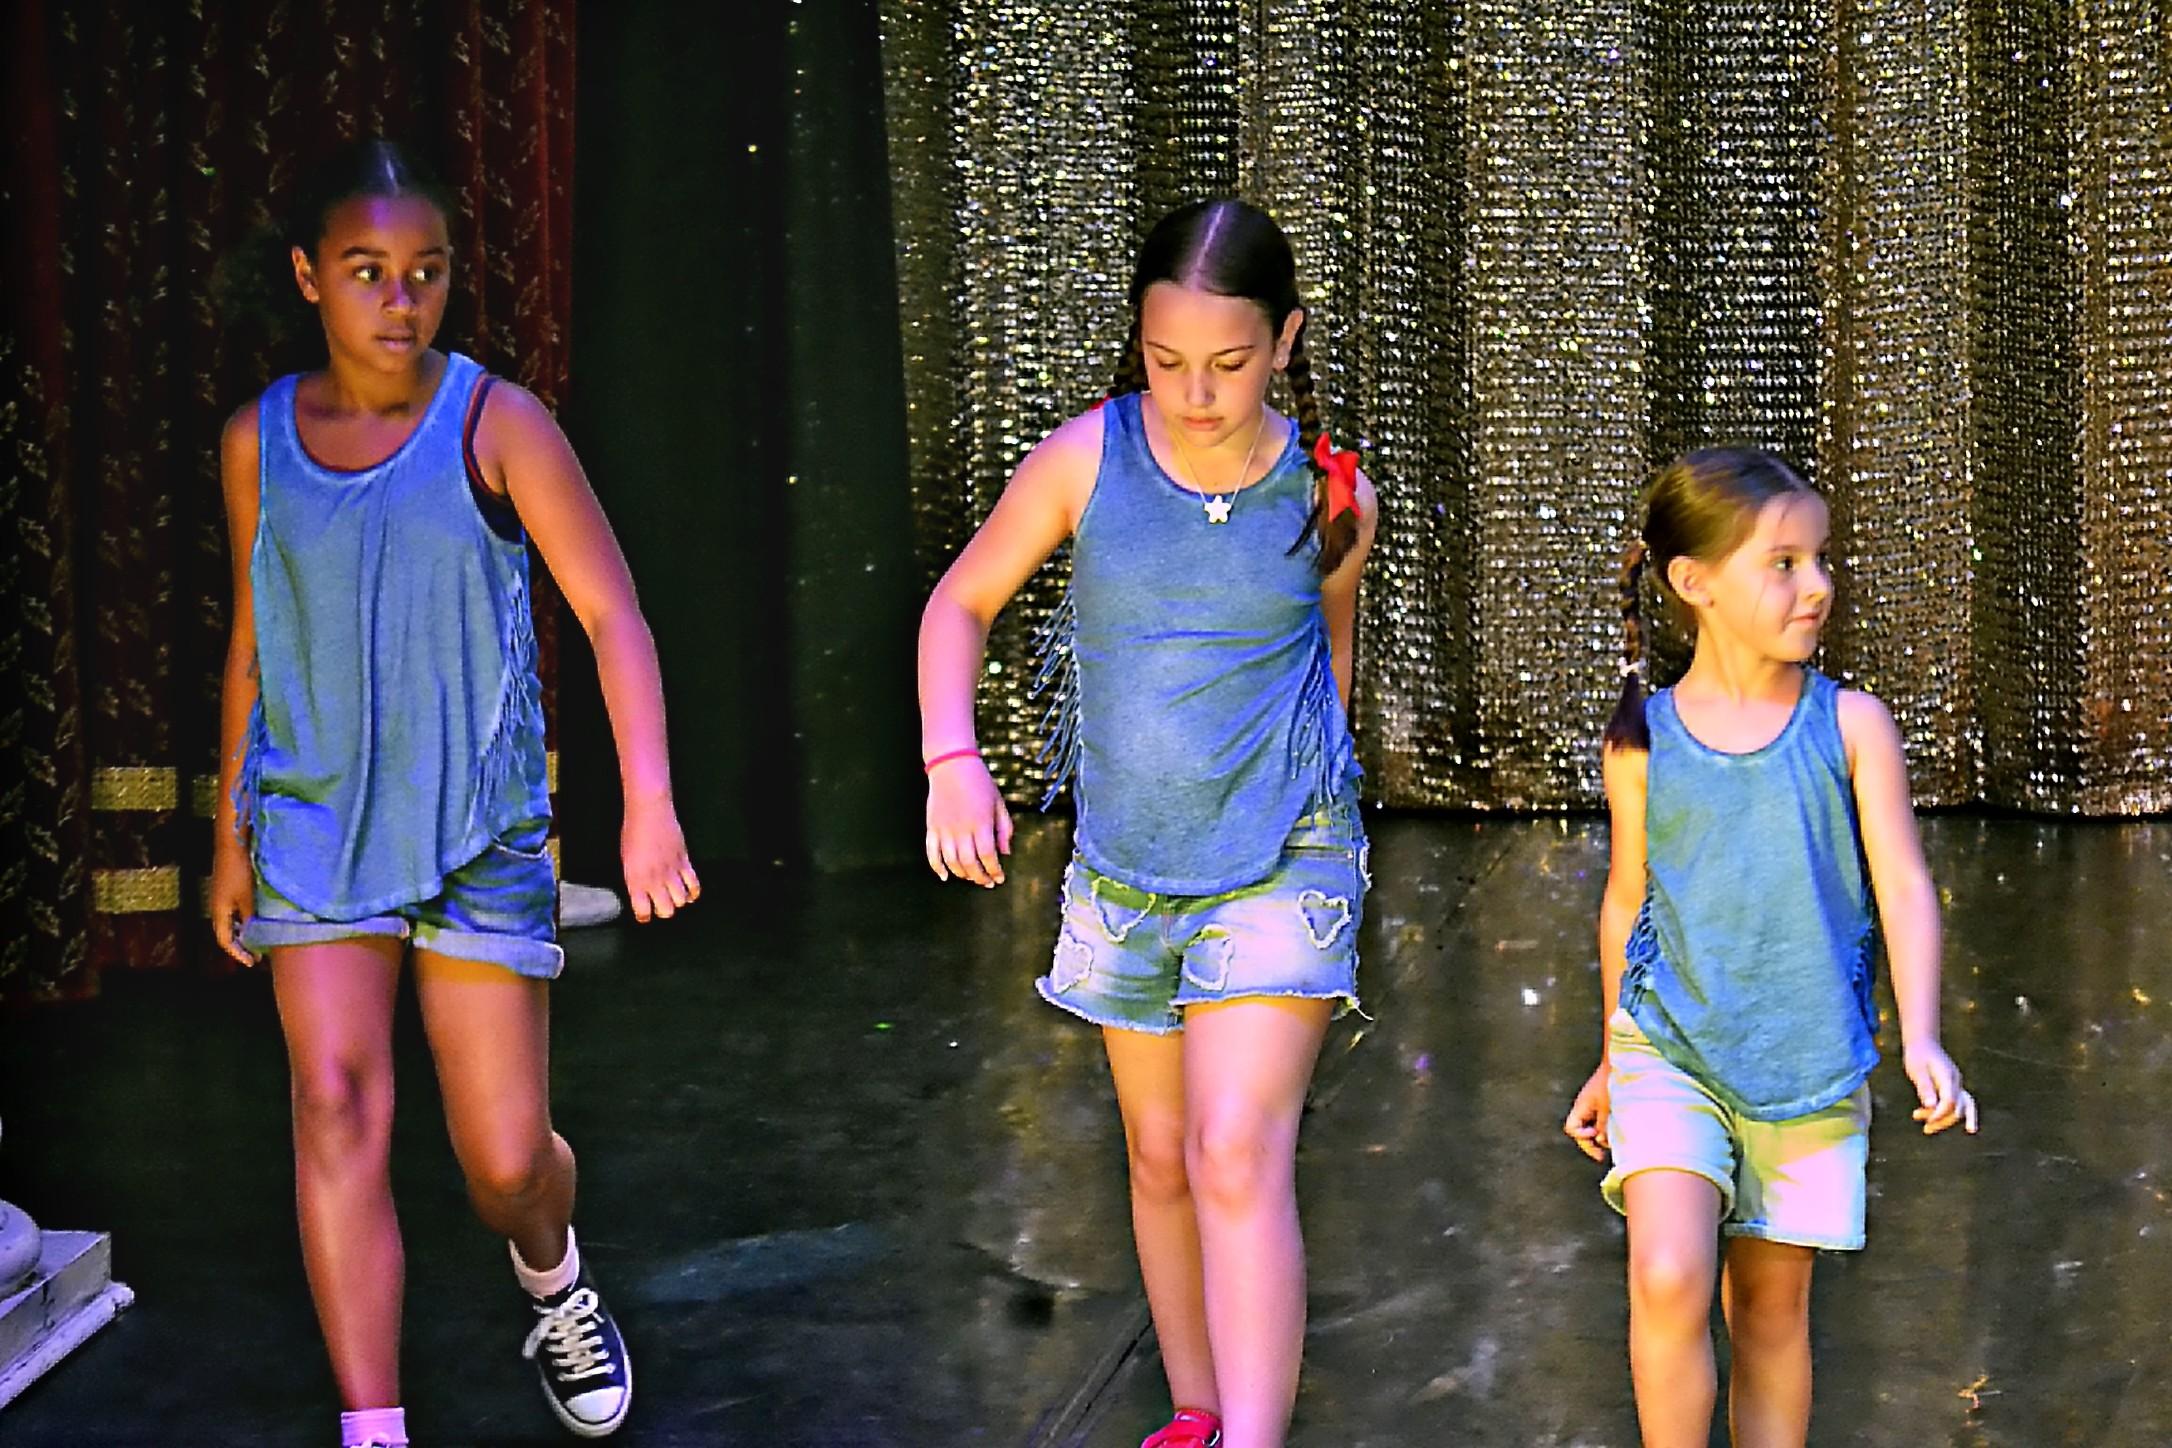 Linea-de-Baile-festival-verano-2015-clases-de-baile-valencia-125